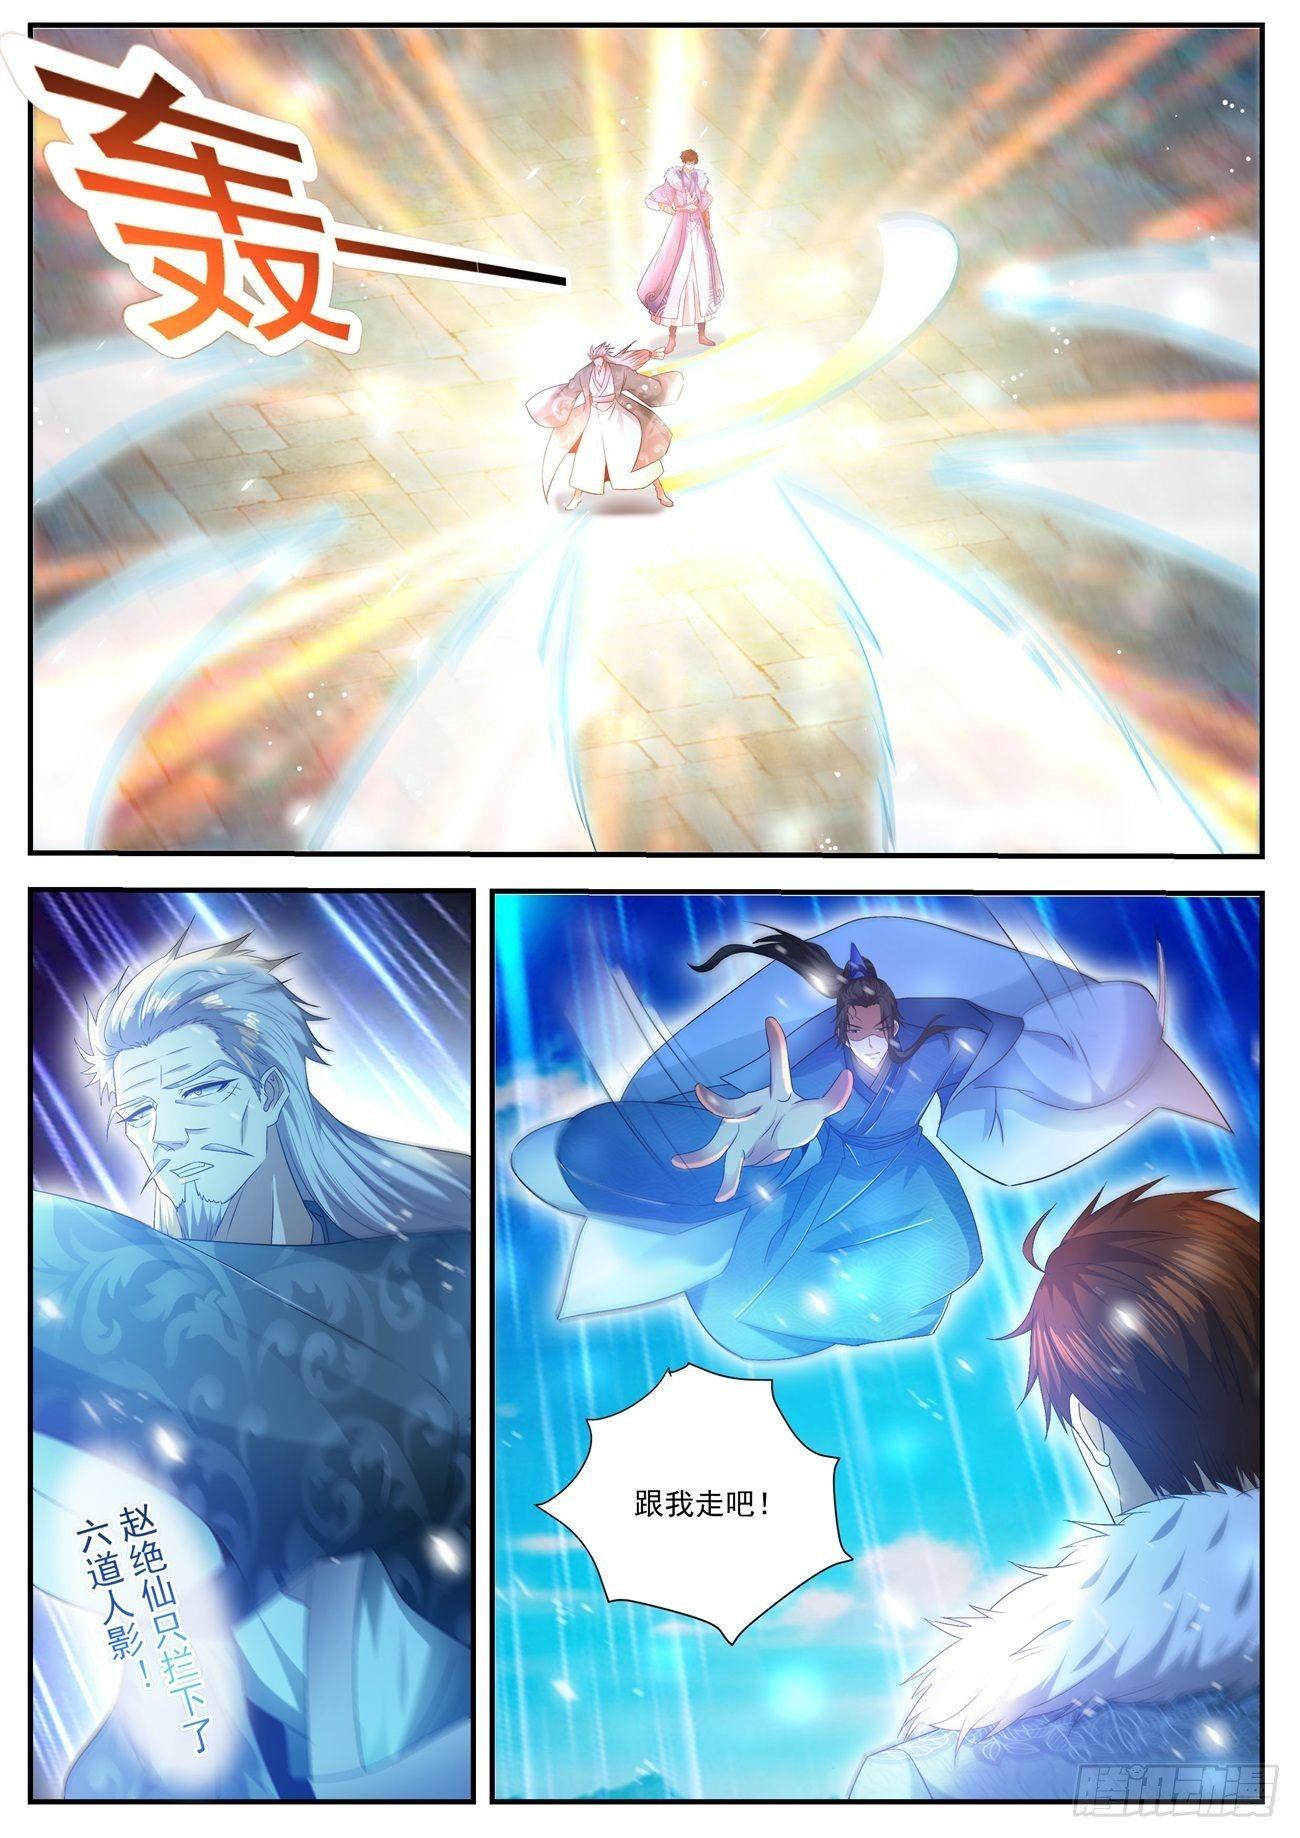 【漫画更新】重生之都市修仙   第482话-小柚妹站